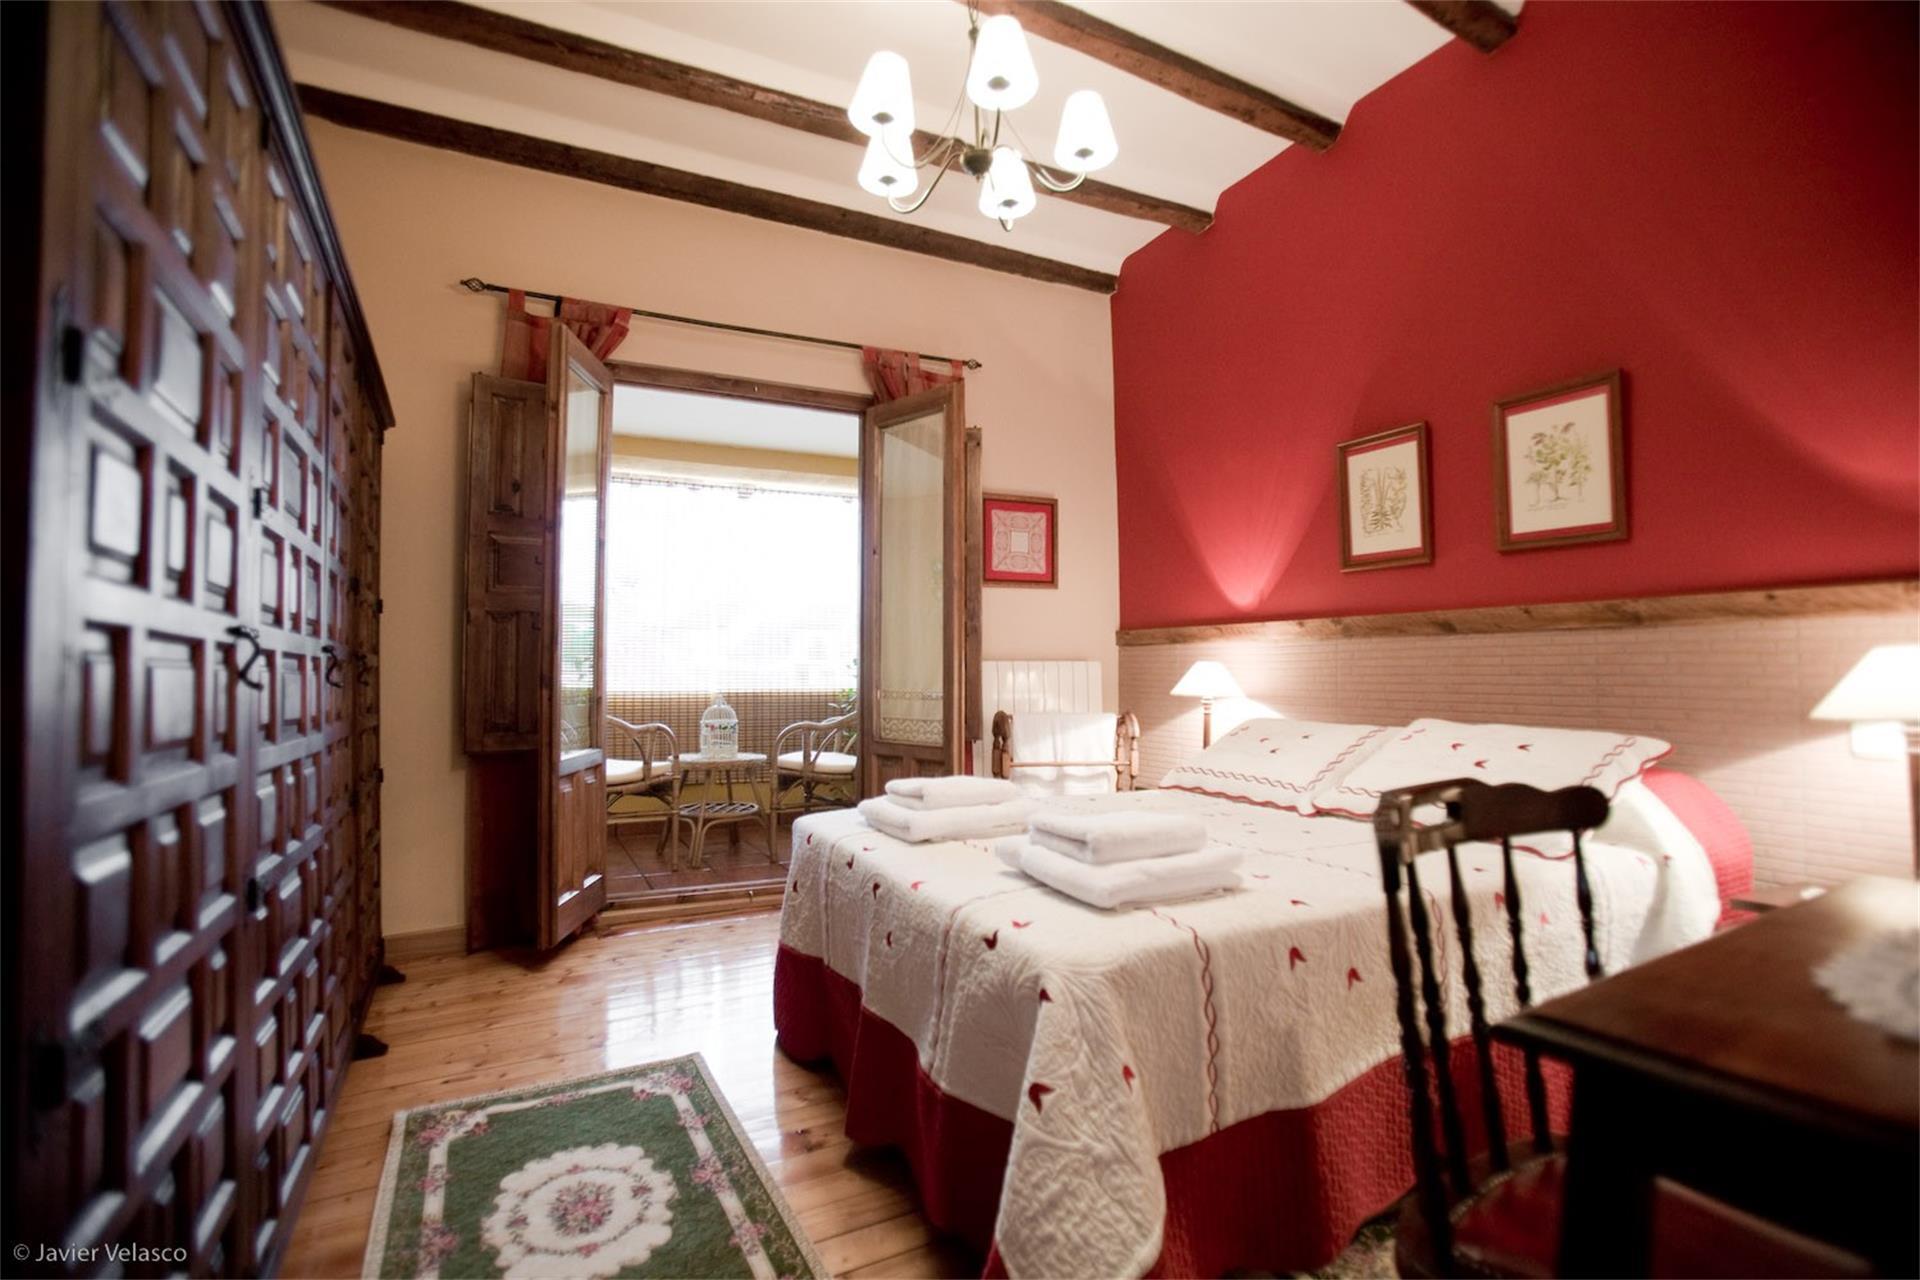 Casa adosada de alquiler en Calle Santísimo Cristo, 13 Rueda (Rueda, Valladolid)